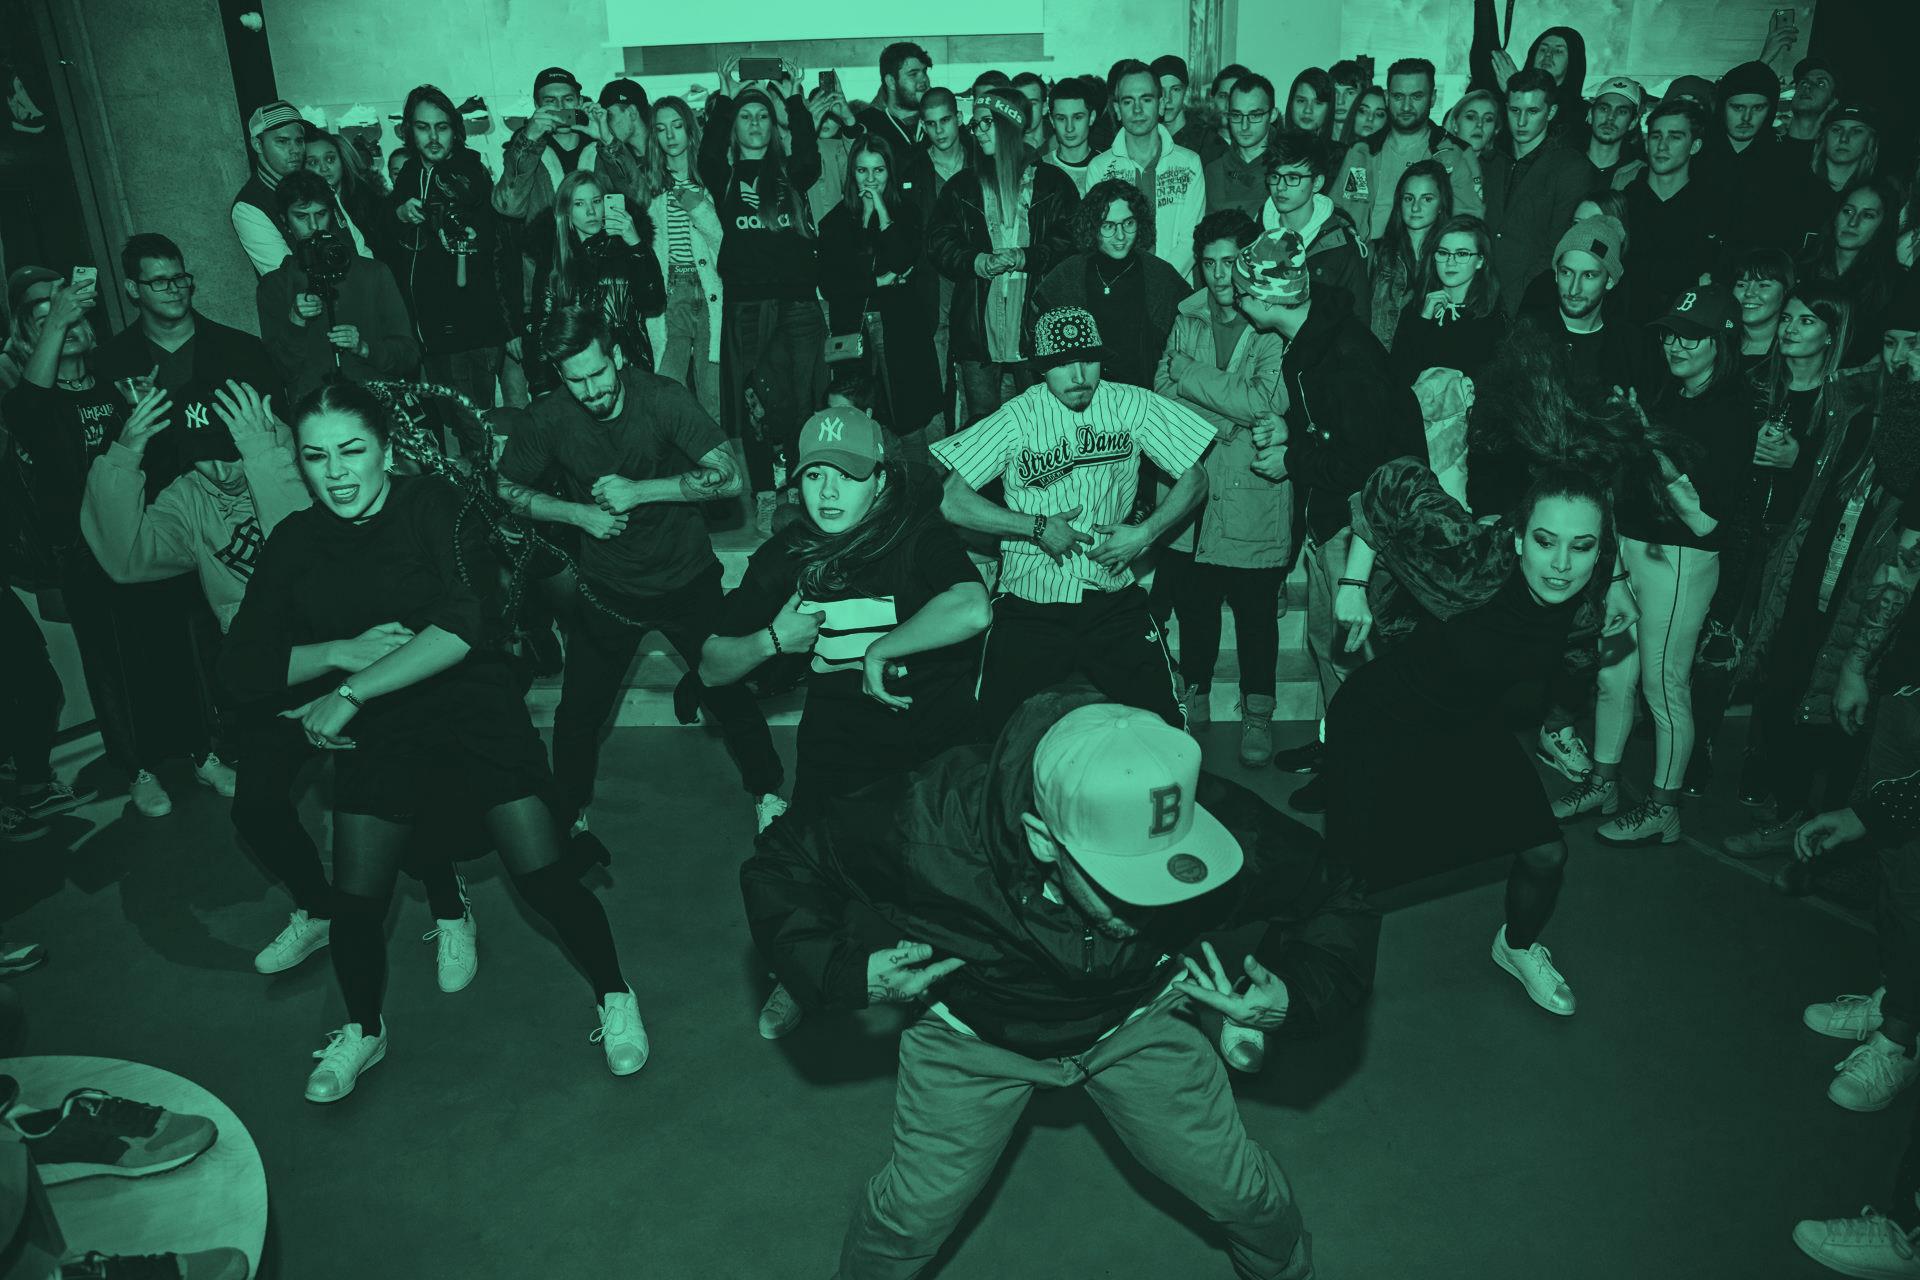 Stred a Pokročilí - Skupiny v SDA, do ktorých sa nedá prihlásiť. Tréneri sem iba na základe výkonu na tréningoch, môžu presunúť tanečníkov. Komplexnejšie sa tu rieši hudba, koncepty, freestyle ale aj choreografie. Iba pre tých, čo to berú fakt vážne!